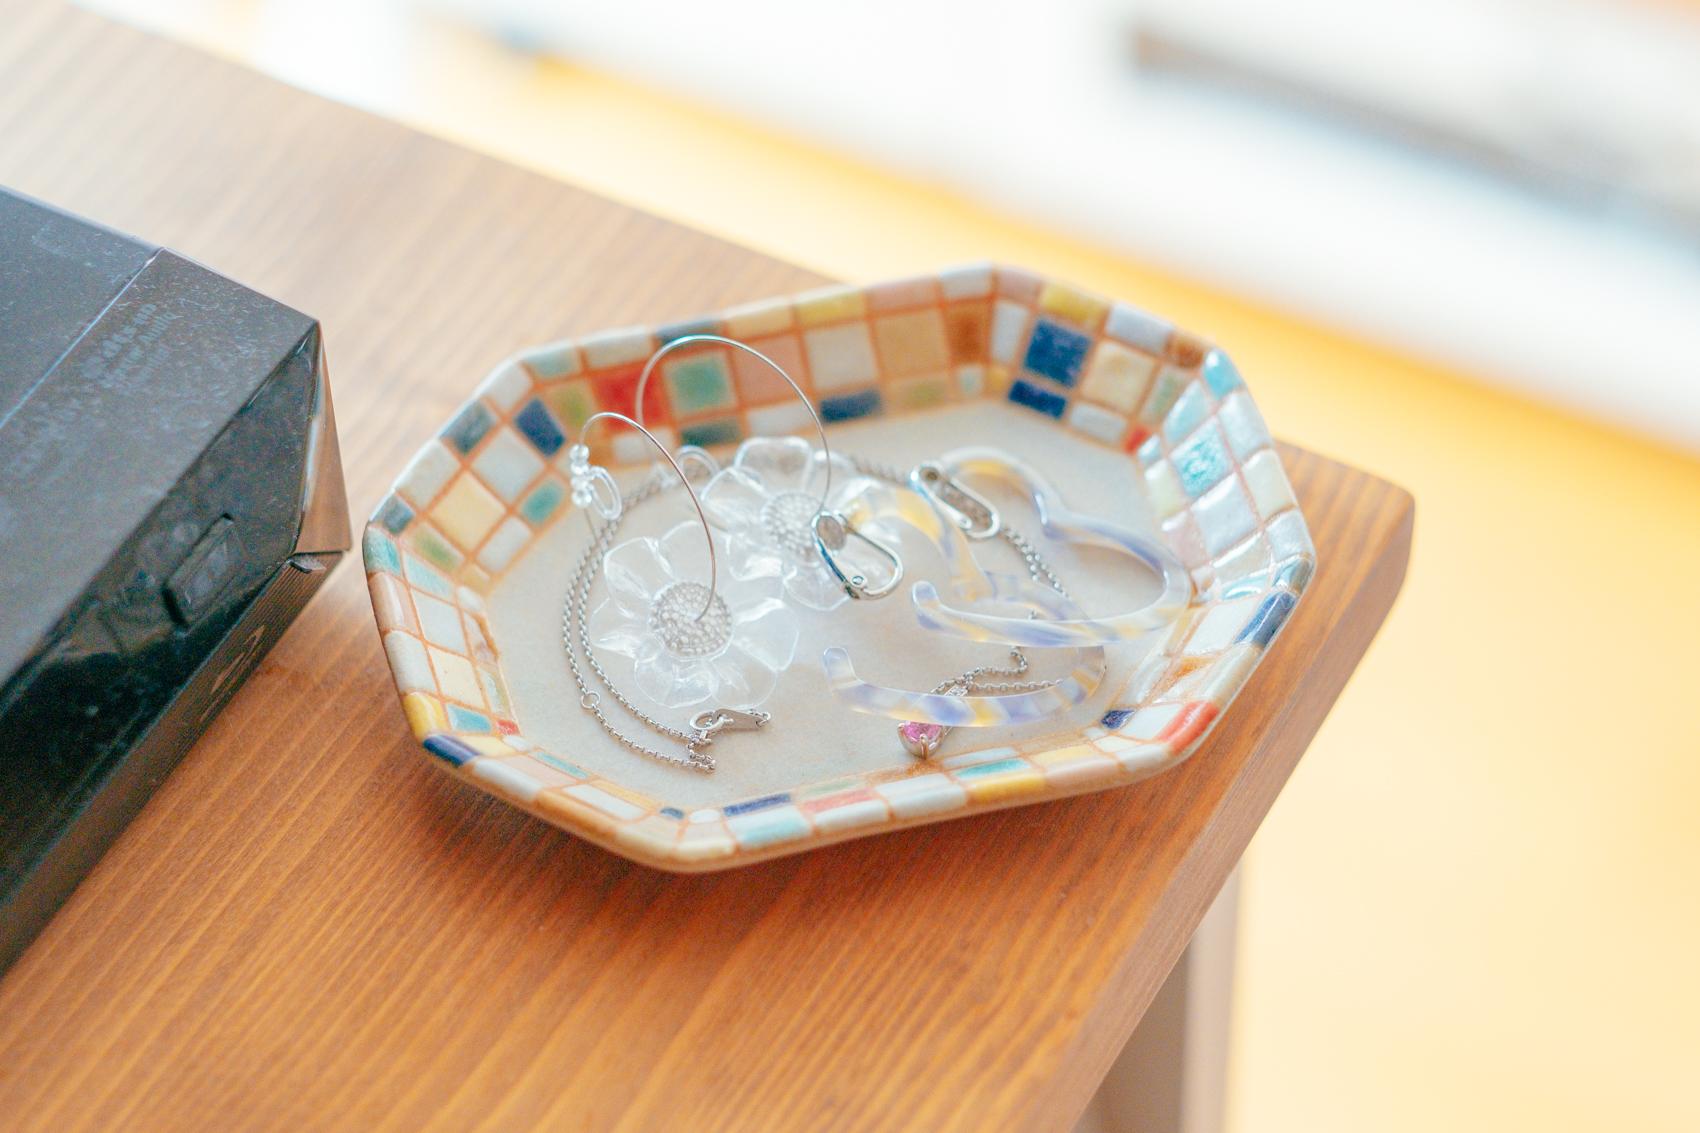 好きなアイテムとしても色合いが映えるものが特徴的なblue_vesselさんのお部屋。 「古川真紀子さんのお皿は最初、好きな女優さんが使っているのをInstagramで見つけて一目惚れしたモノです。展示会に行ったのですが、数も多くて、まずはここからという気持ちで購入しました。」